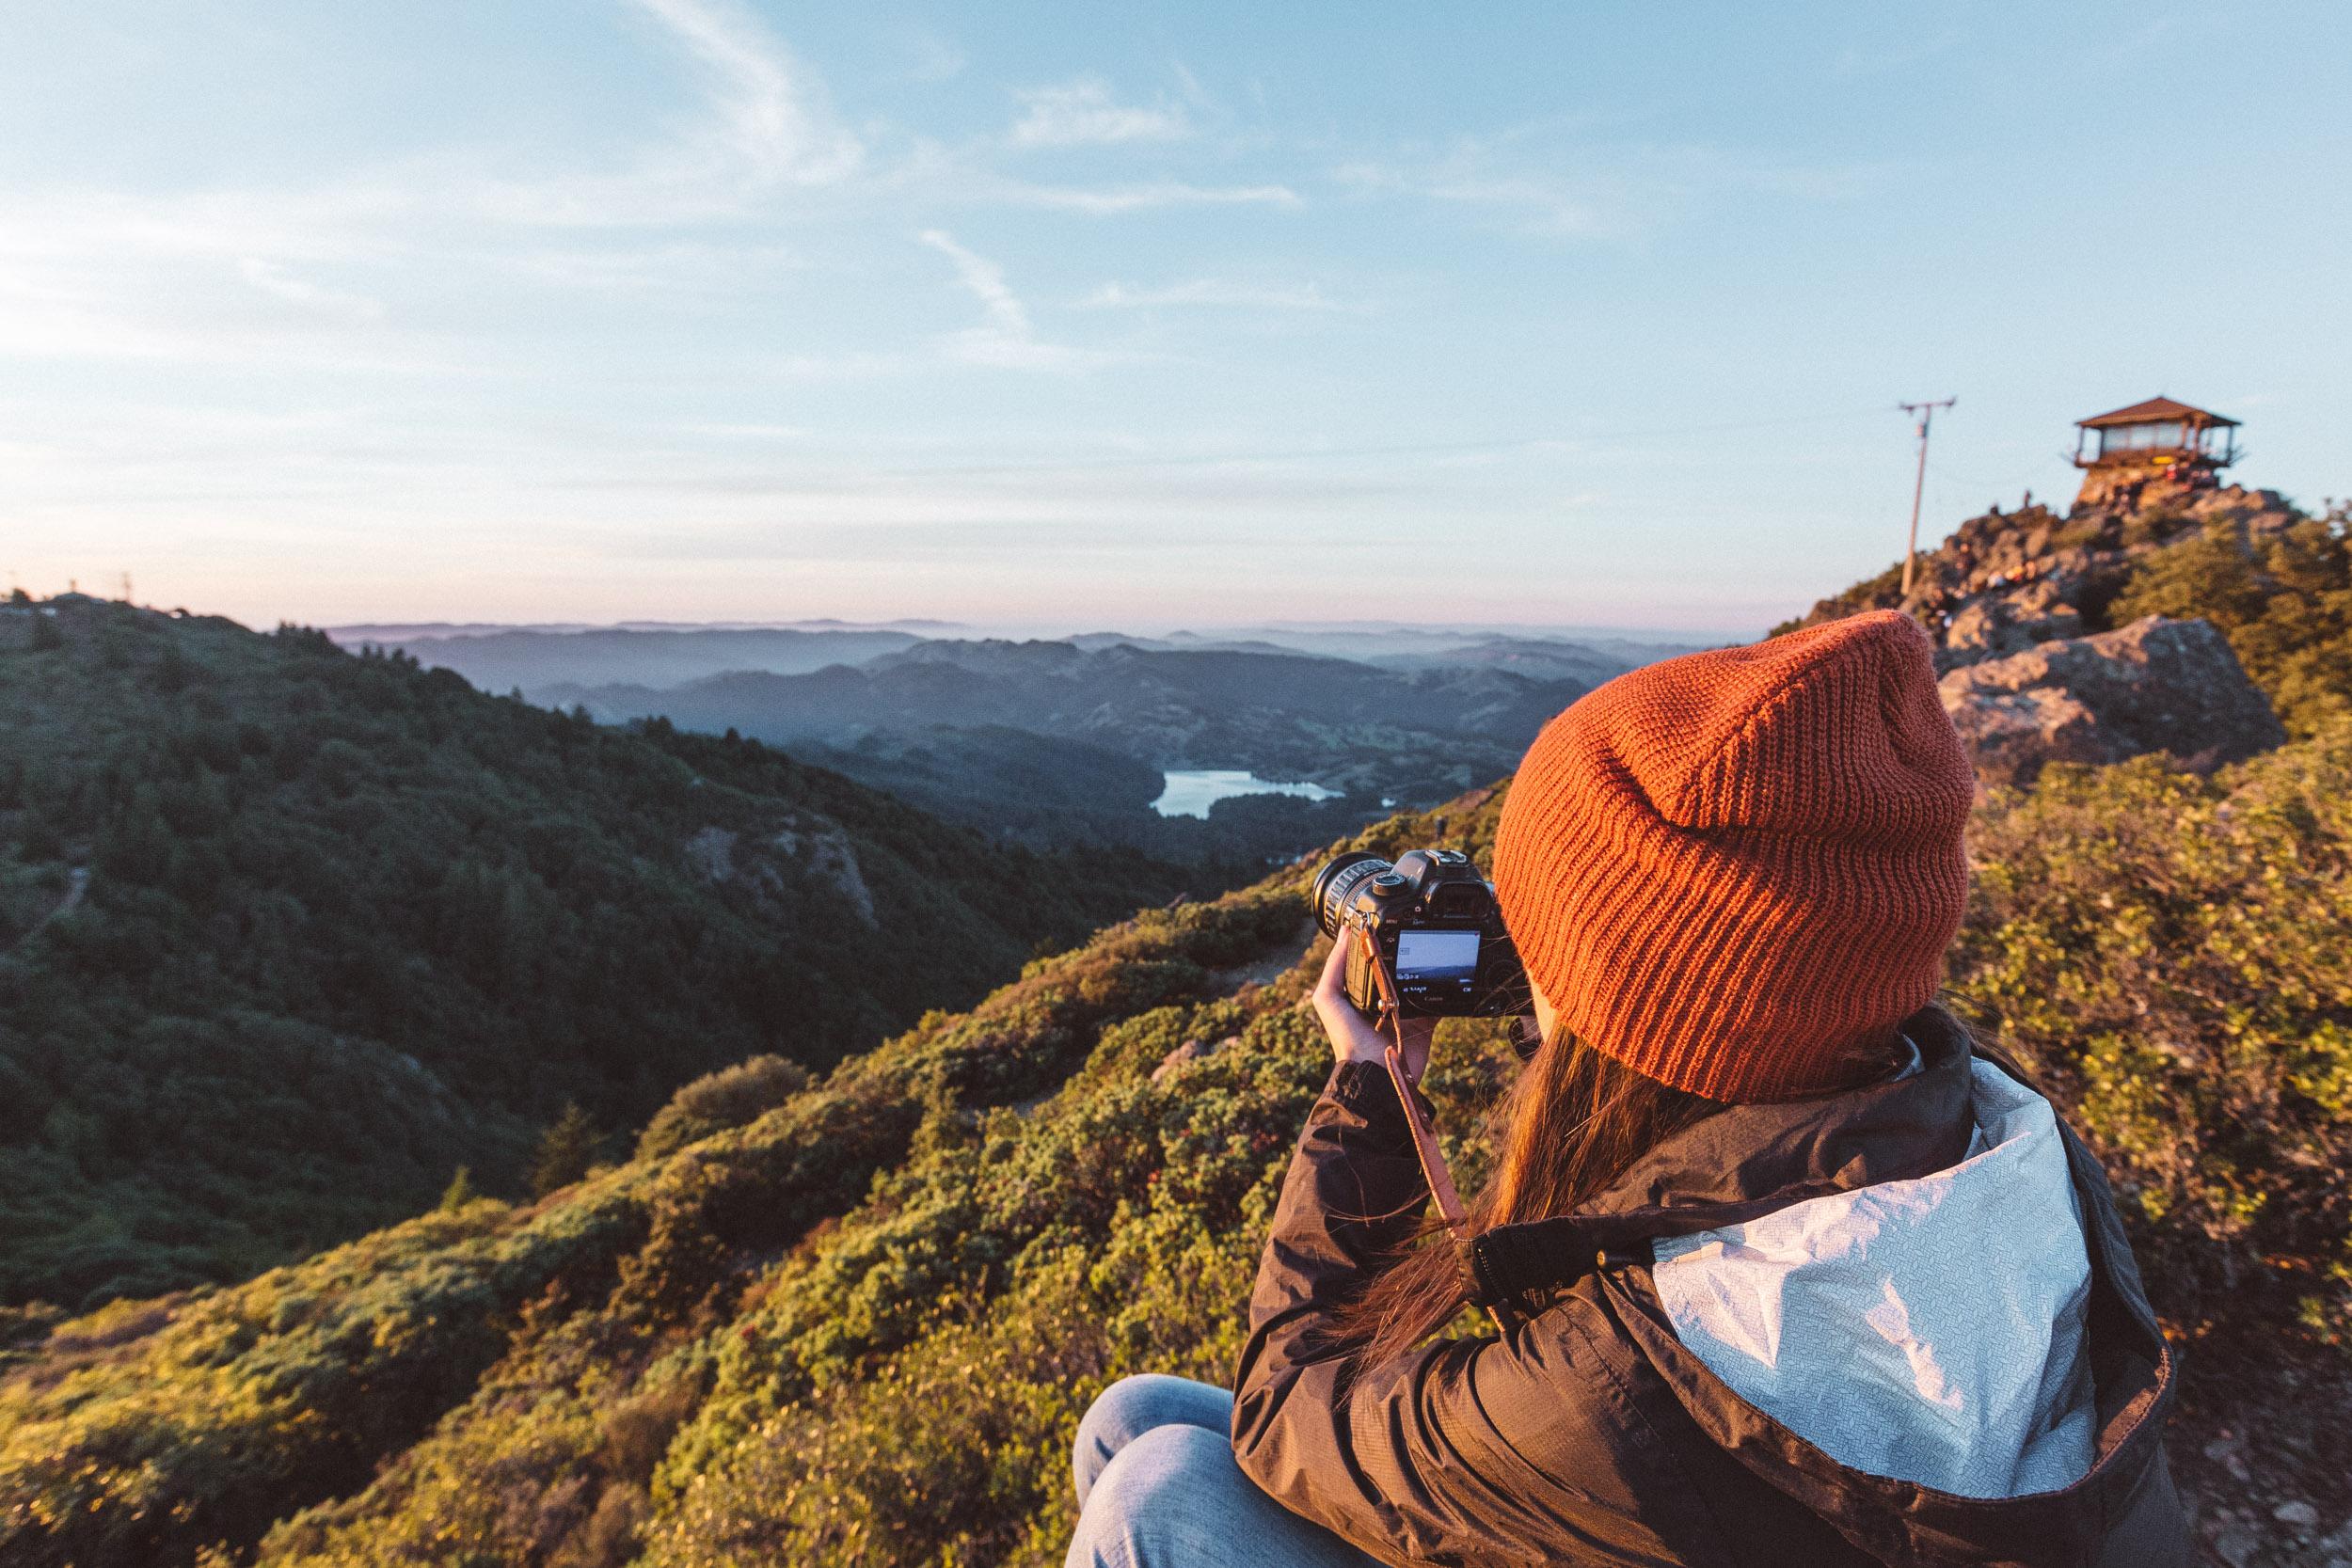 mount-tamalpais-east-peak-vista-hike-and-shoot-2.jpg